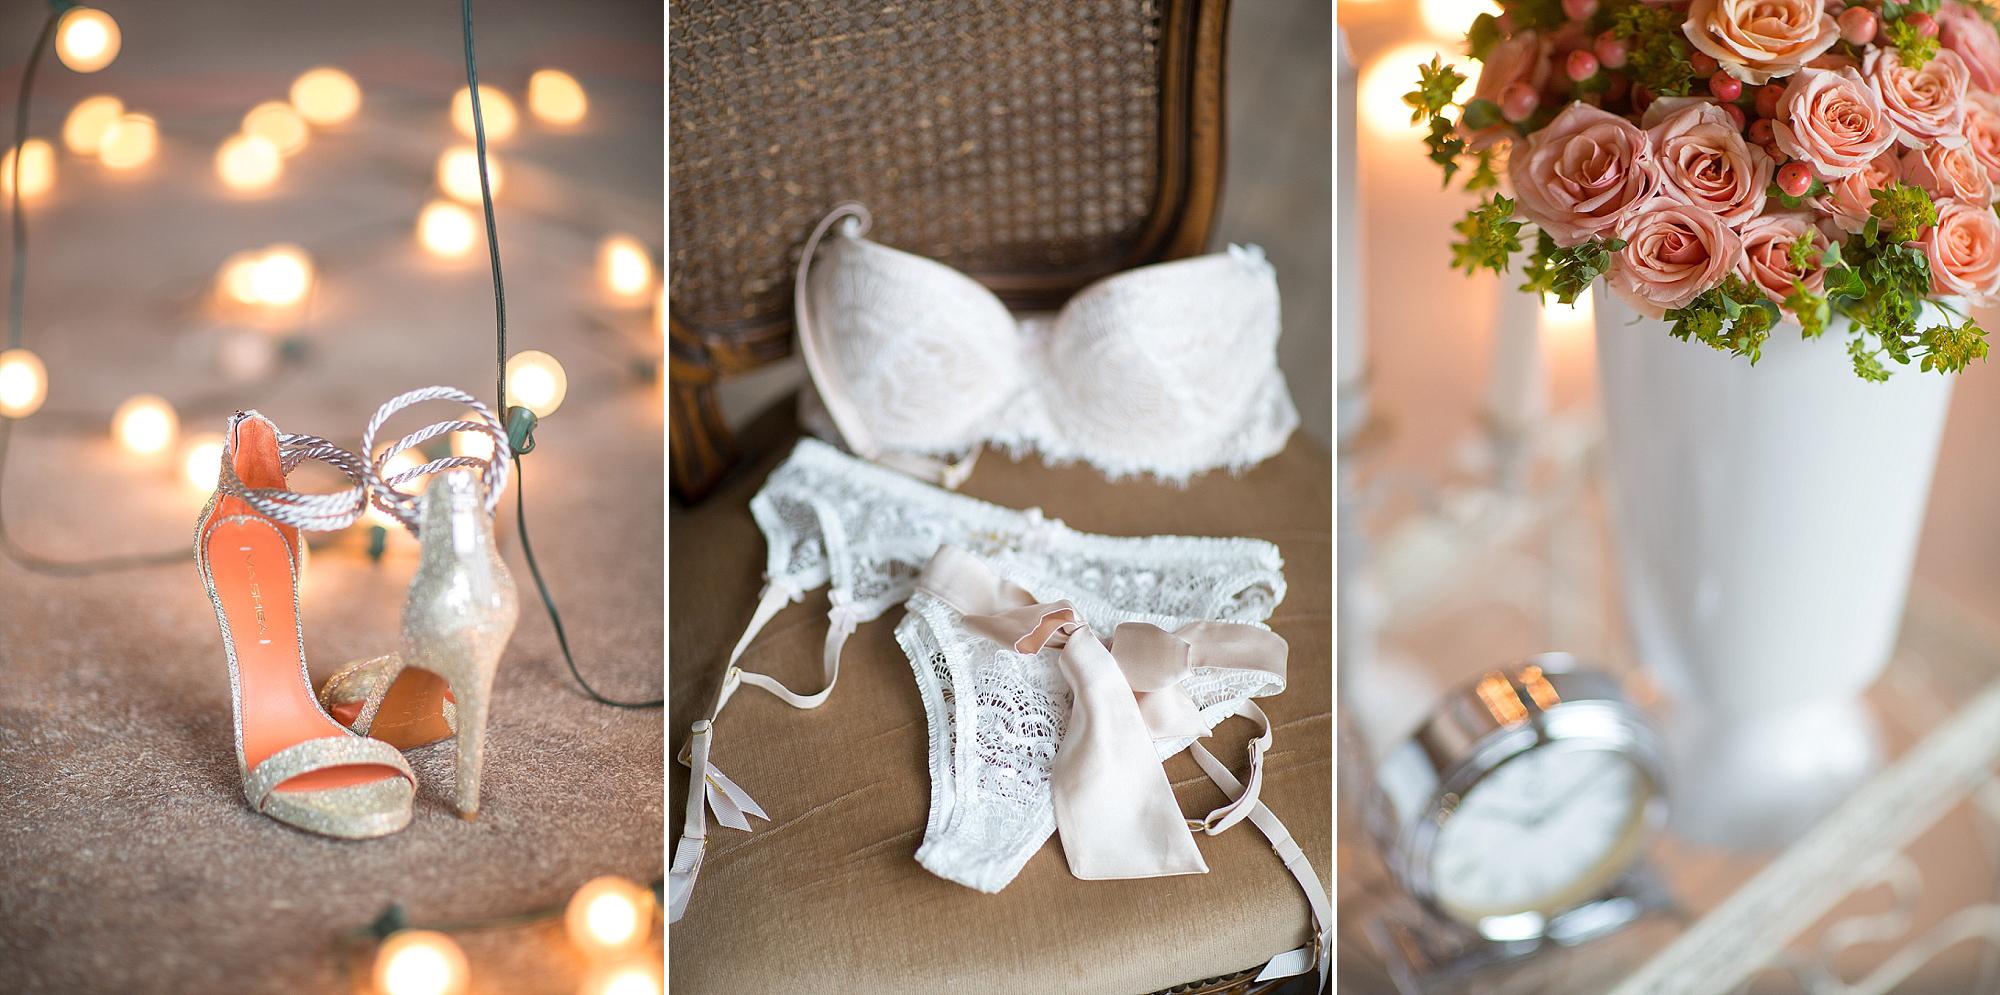 Brio-Art-boudoir-photography-012.jpg